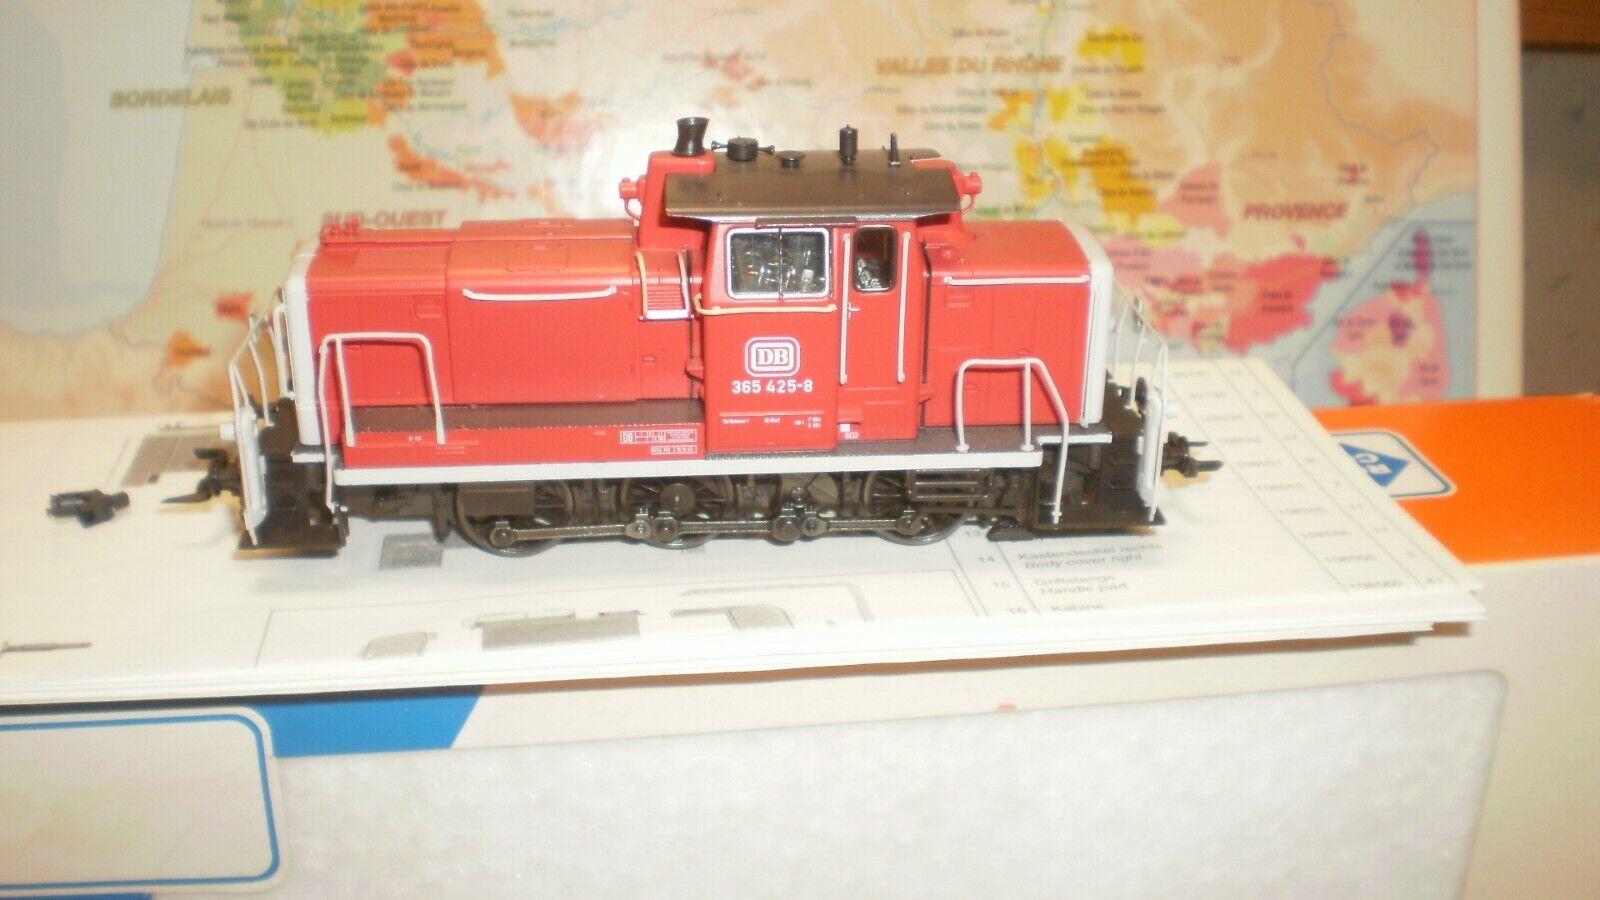 Loco diesel 365 425-6 DB Roco